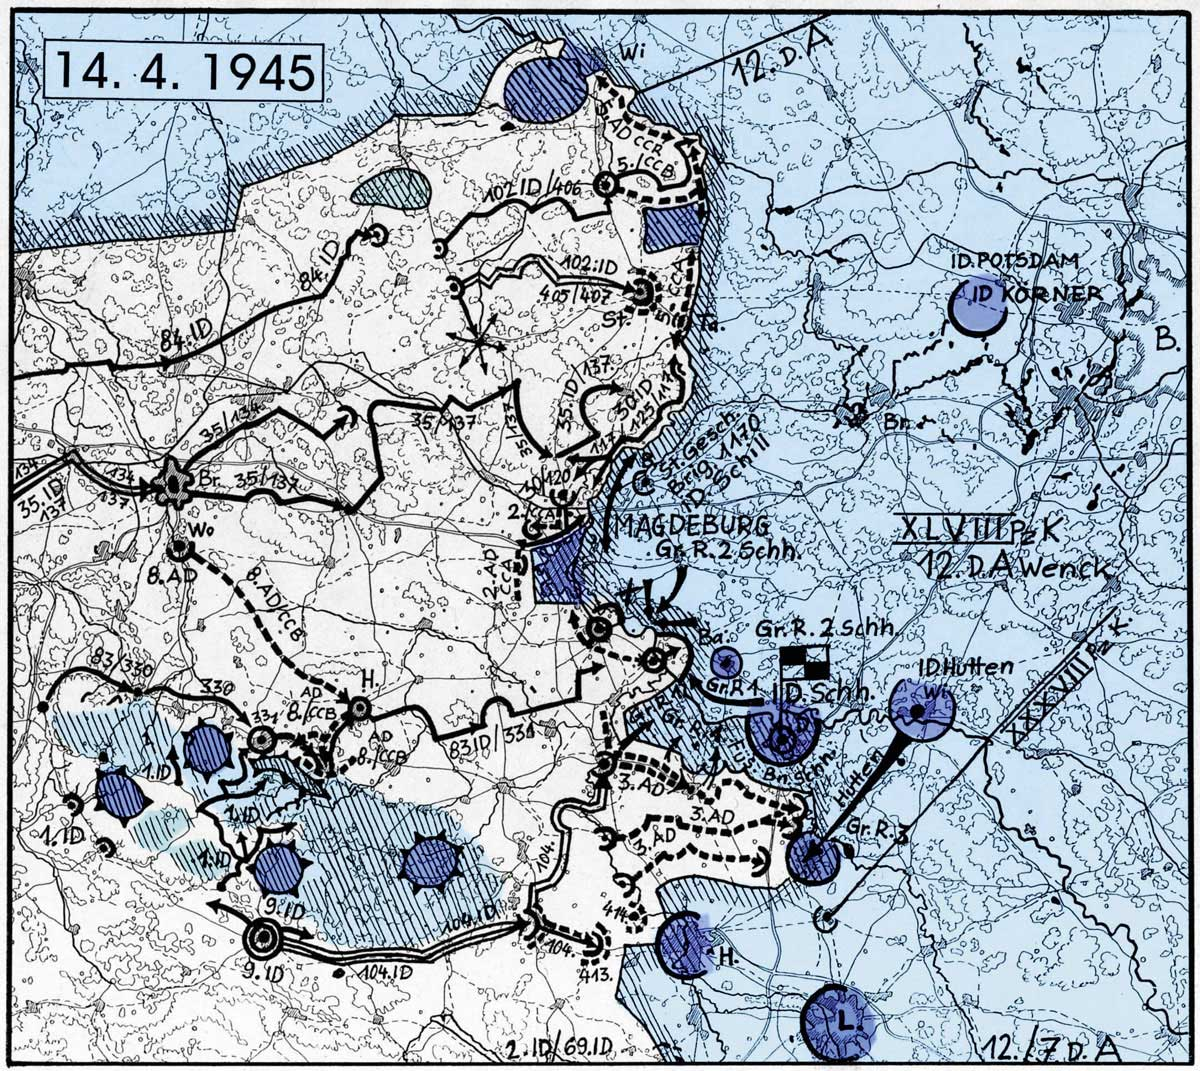 Das Vorrücken der amerikanischen Truppen auf Magdeburg vom 14. April 1945. Grafik: H. Menzel